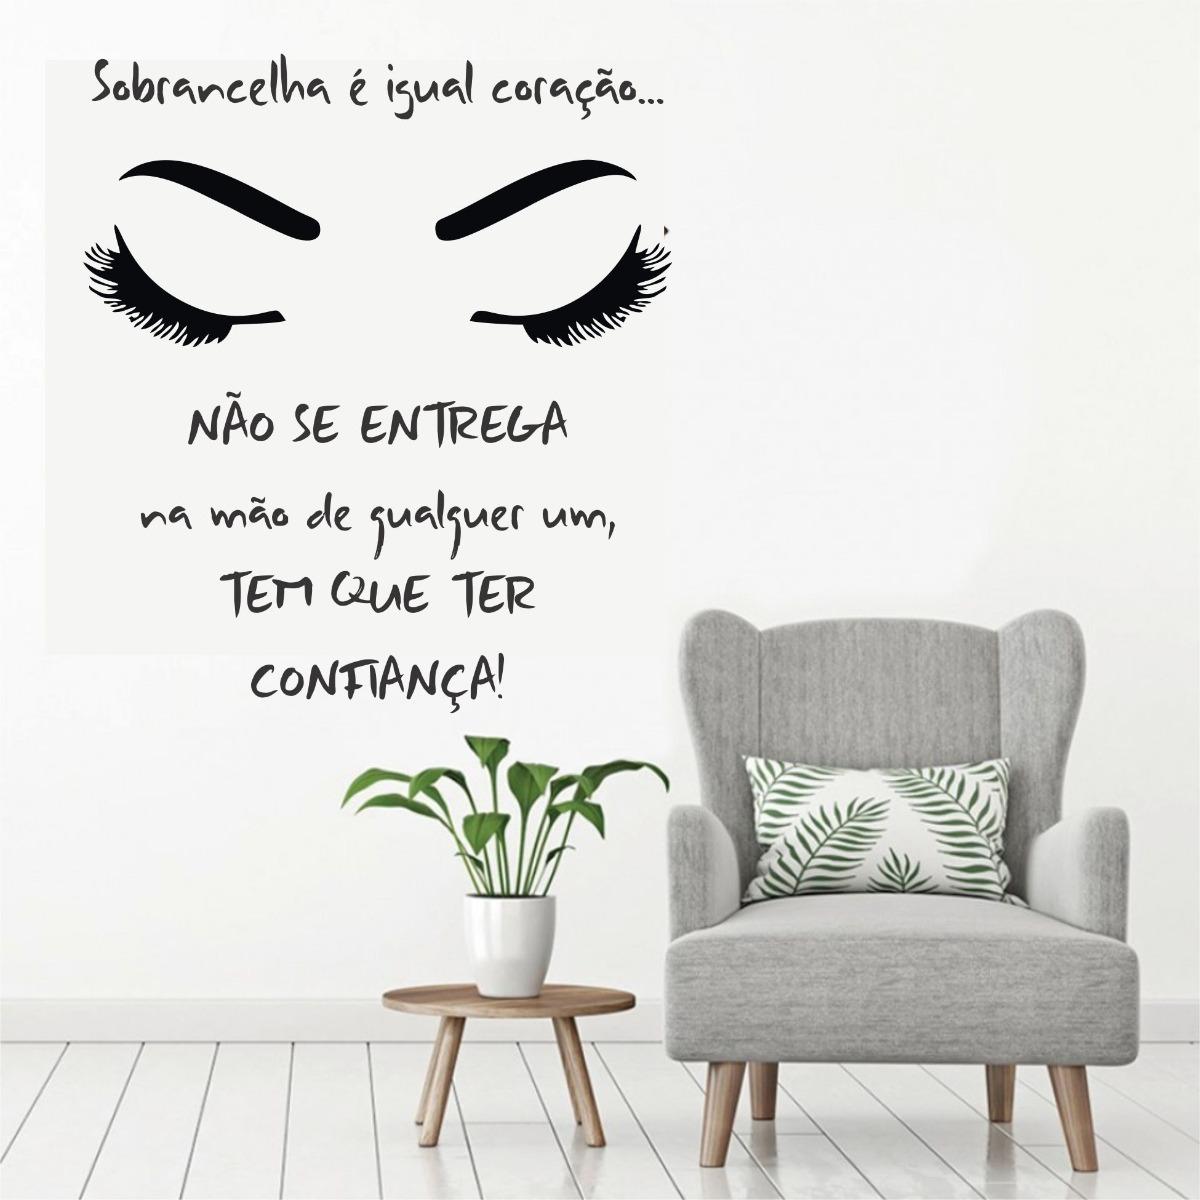 Aparador Ferro Mercado Livre ~ Adesivo Parede Sal u00e3o Beleza Sobrancelha Cílios Olhos Frase R$ 129,99 em Mercado Livre